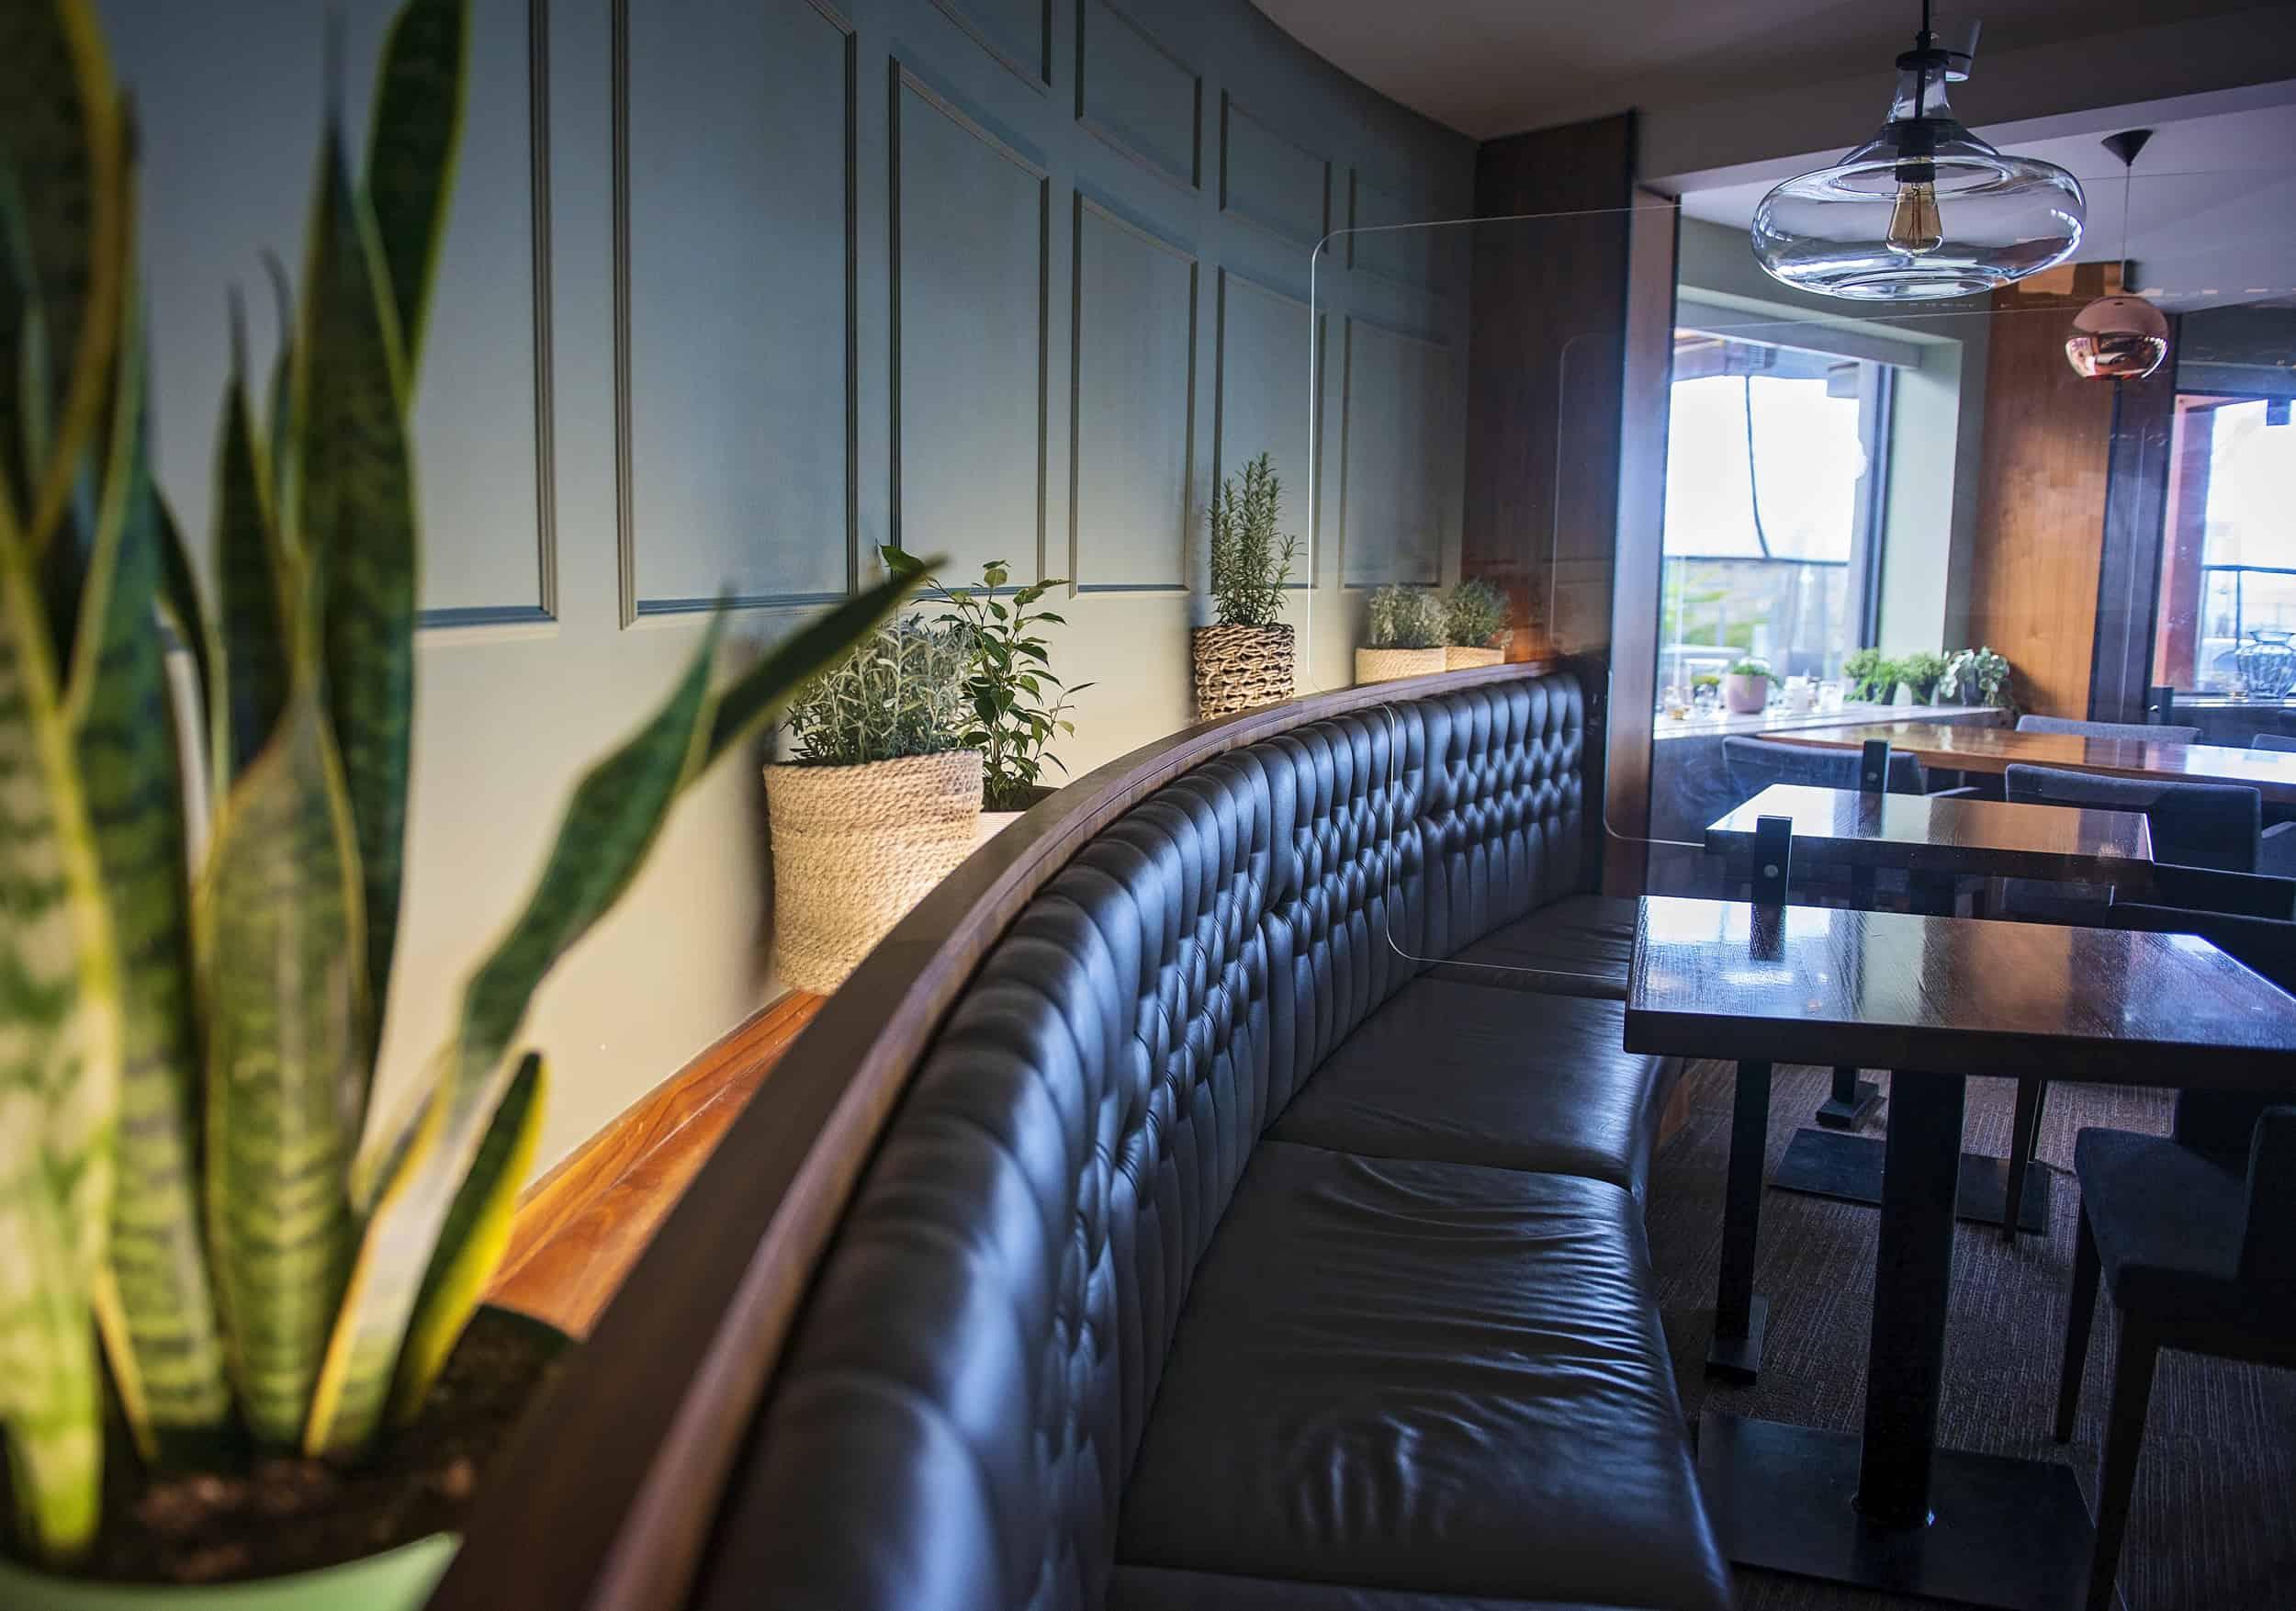 Qualicum Beach Cafe Dining Room